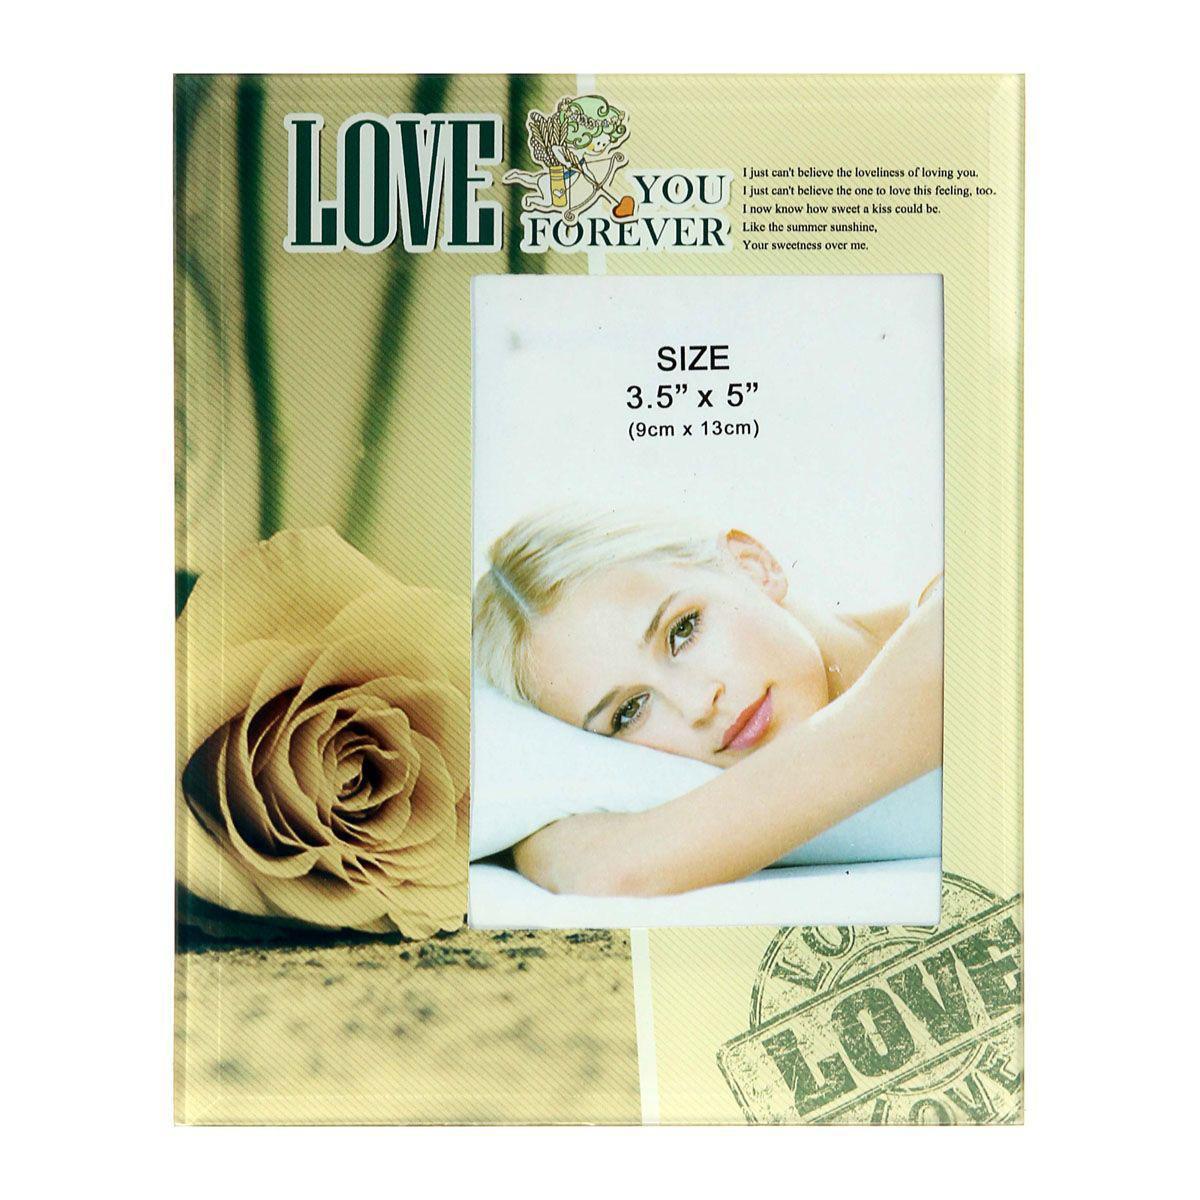 Фоторамка Sima-land Желтая роза Love, 9 х 13 см240084Фоторамка Sima-land Желтая роза Love прекрасный выбор для тех, кто хочет сделать запоминающийся презент родным и близким. Поможет создать атмосферу праздника. Такой подарок запомнится надолго. В нем прекрасно сочетаются цена и качество.